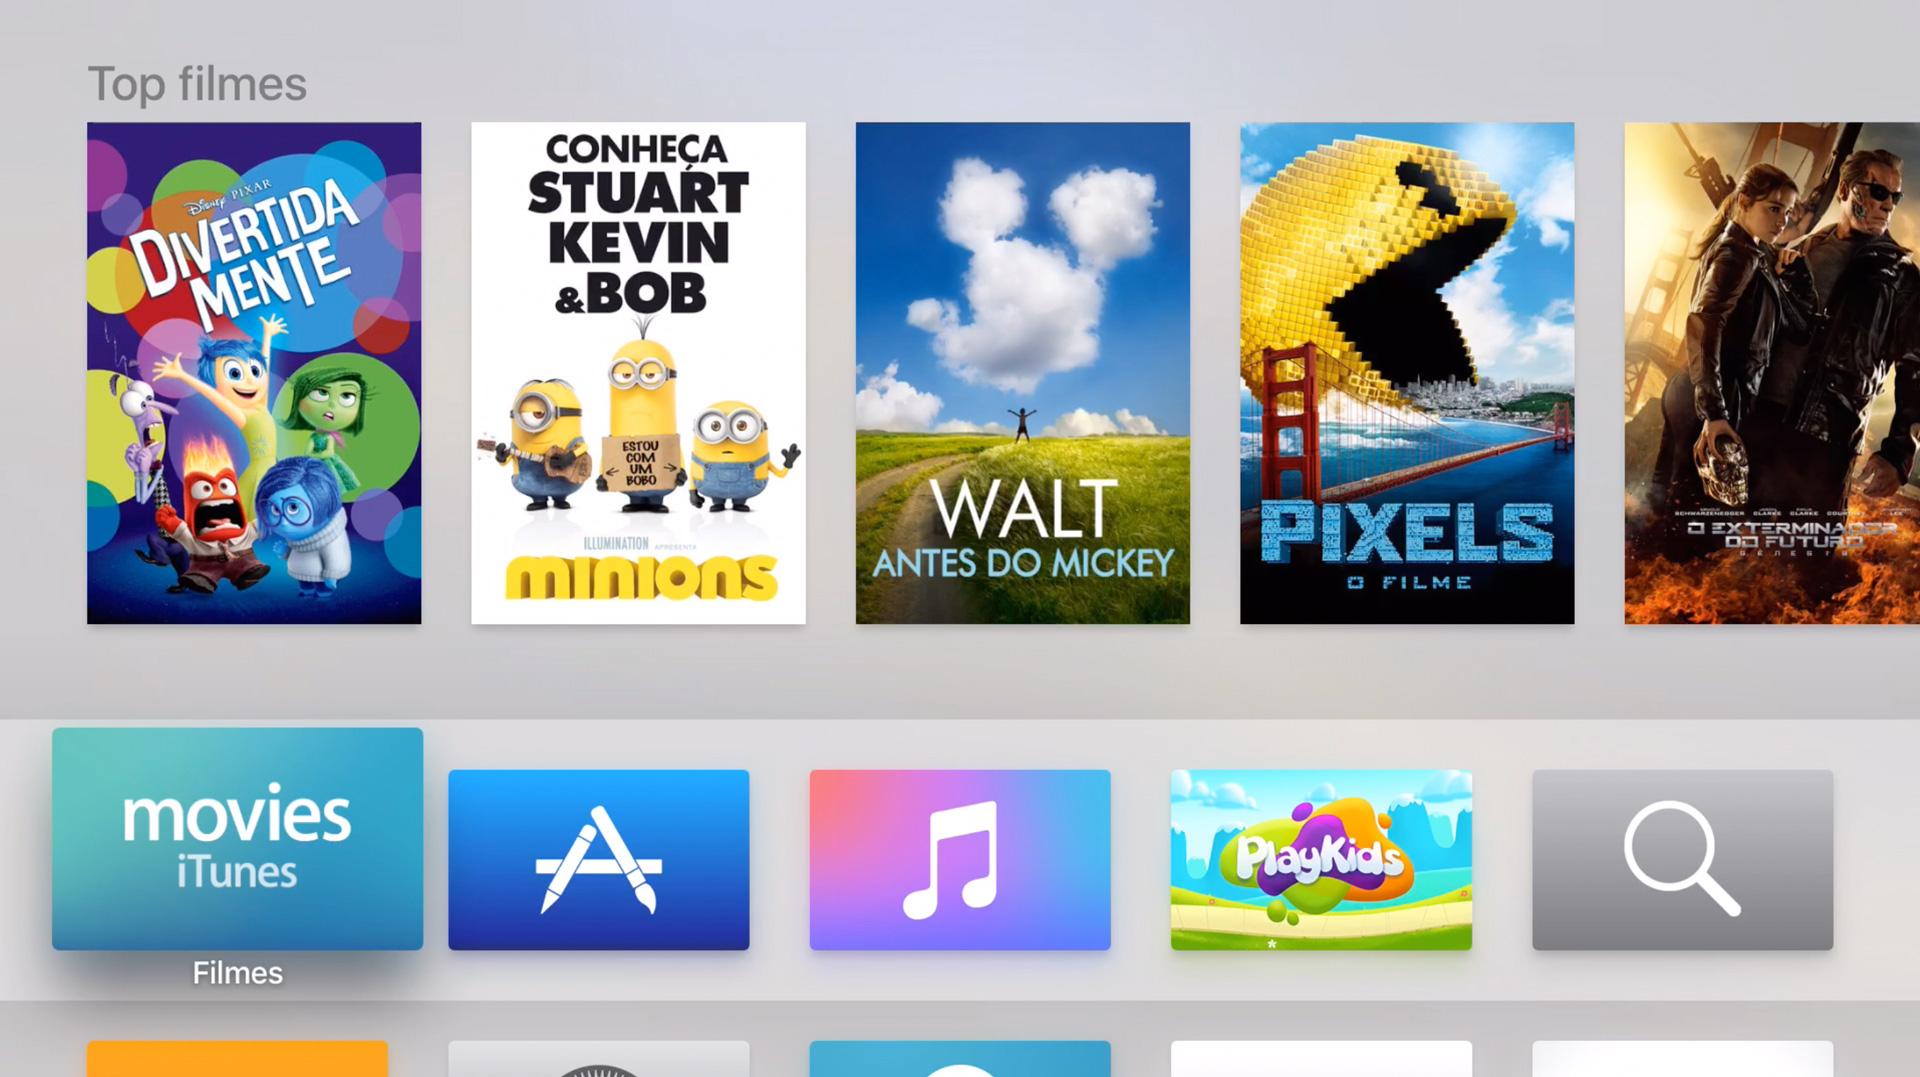 Tela inicial da nova Apple TV